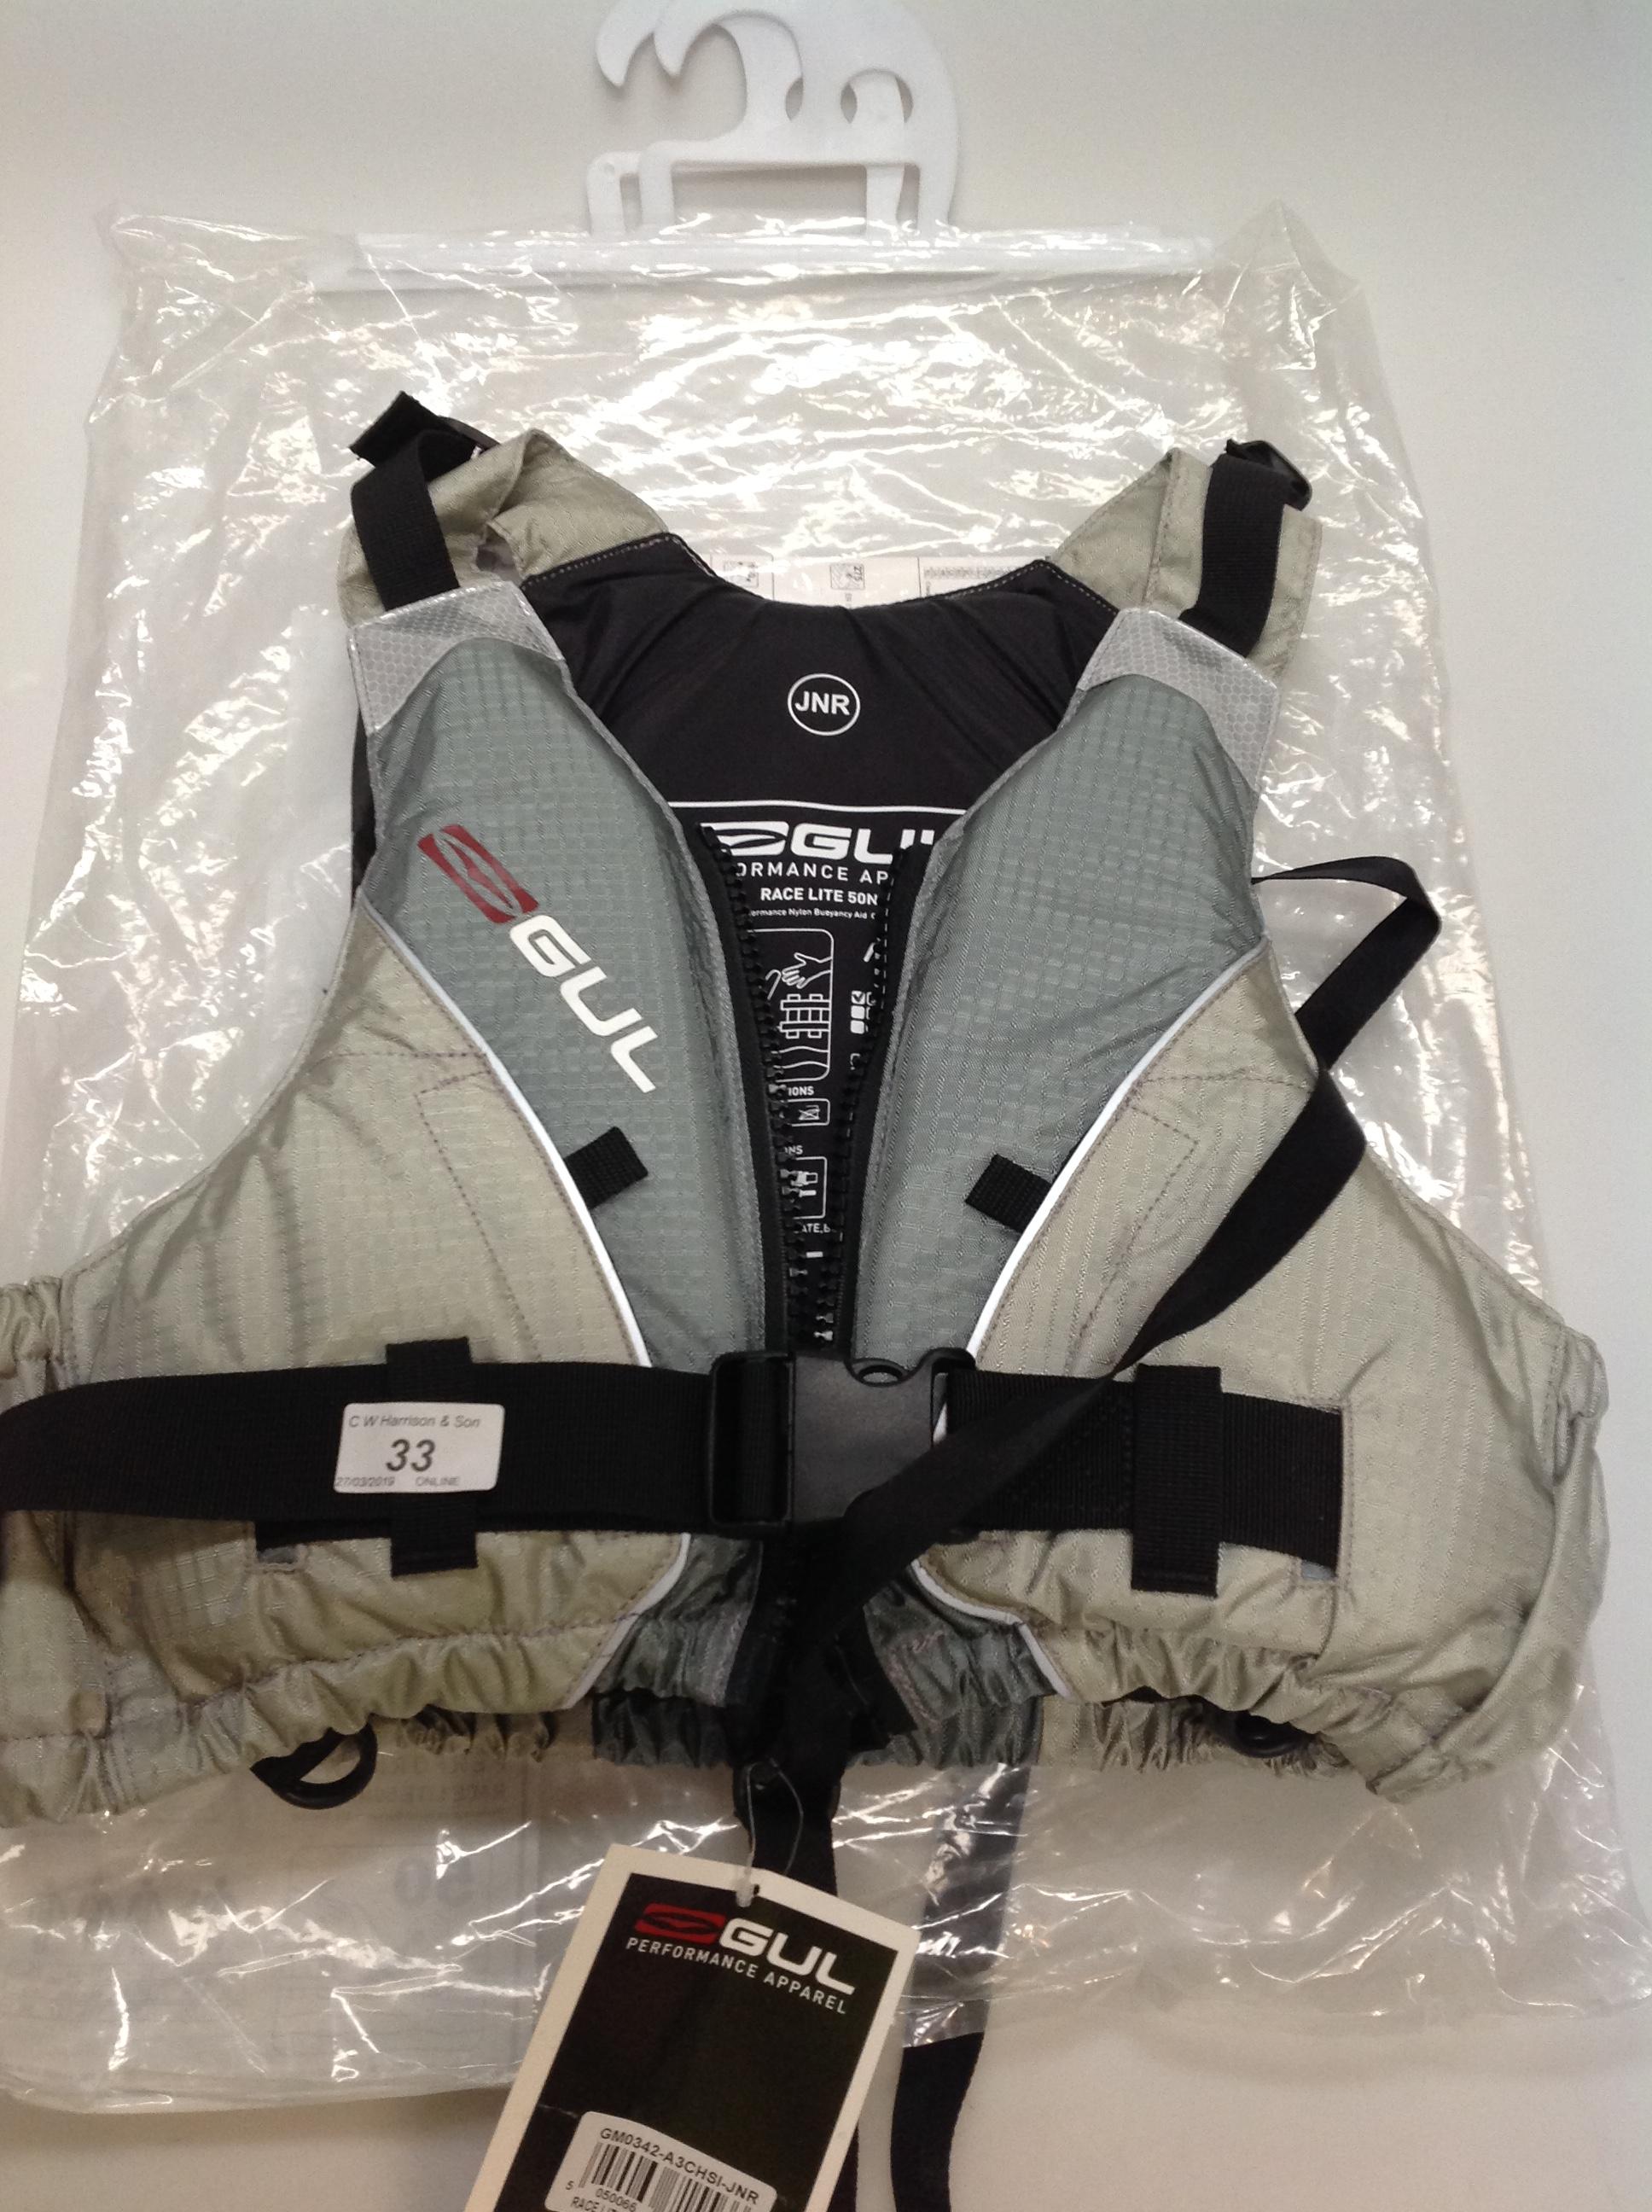 Lot 33 - Gul Race Lite 5ON buoyancy aid in silver - size junior